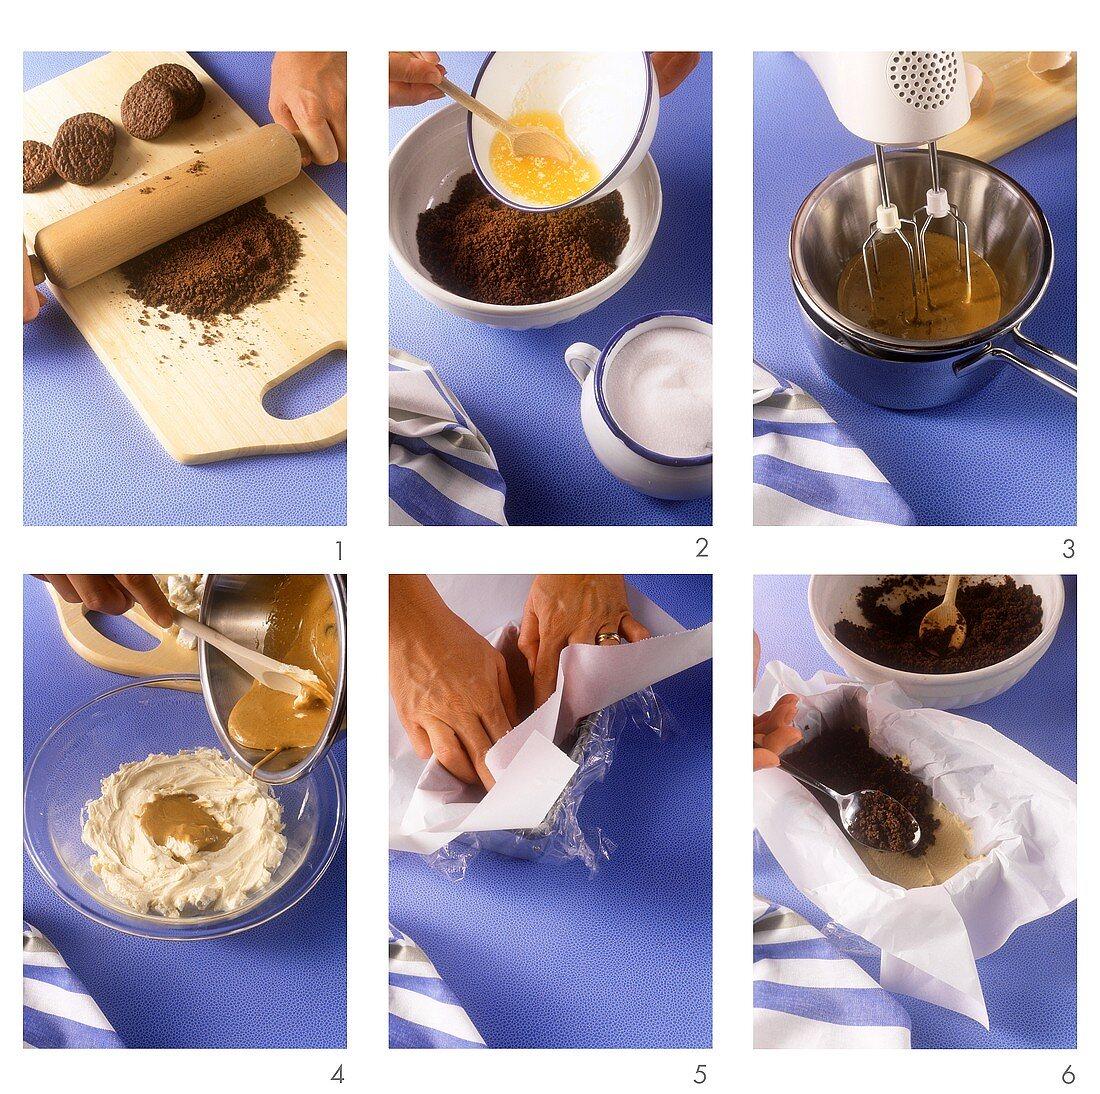 Making espresso parfait